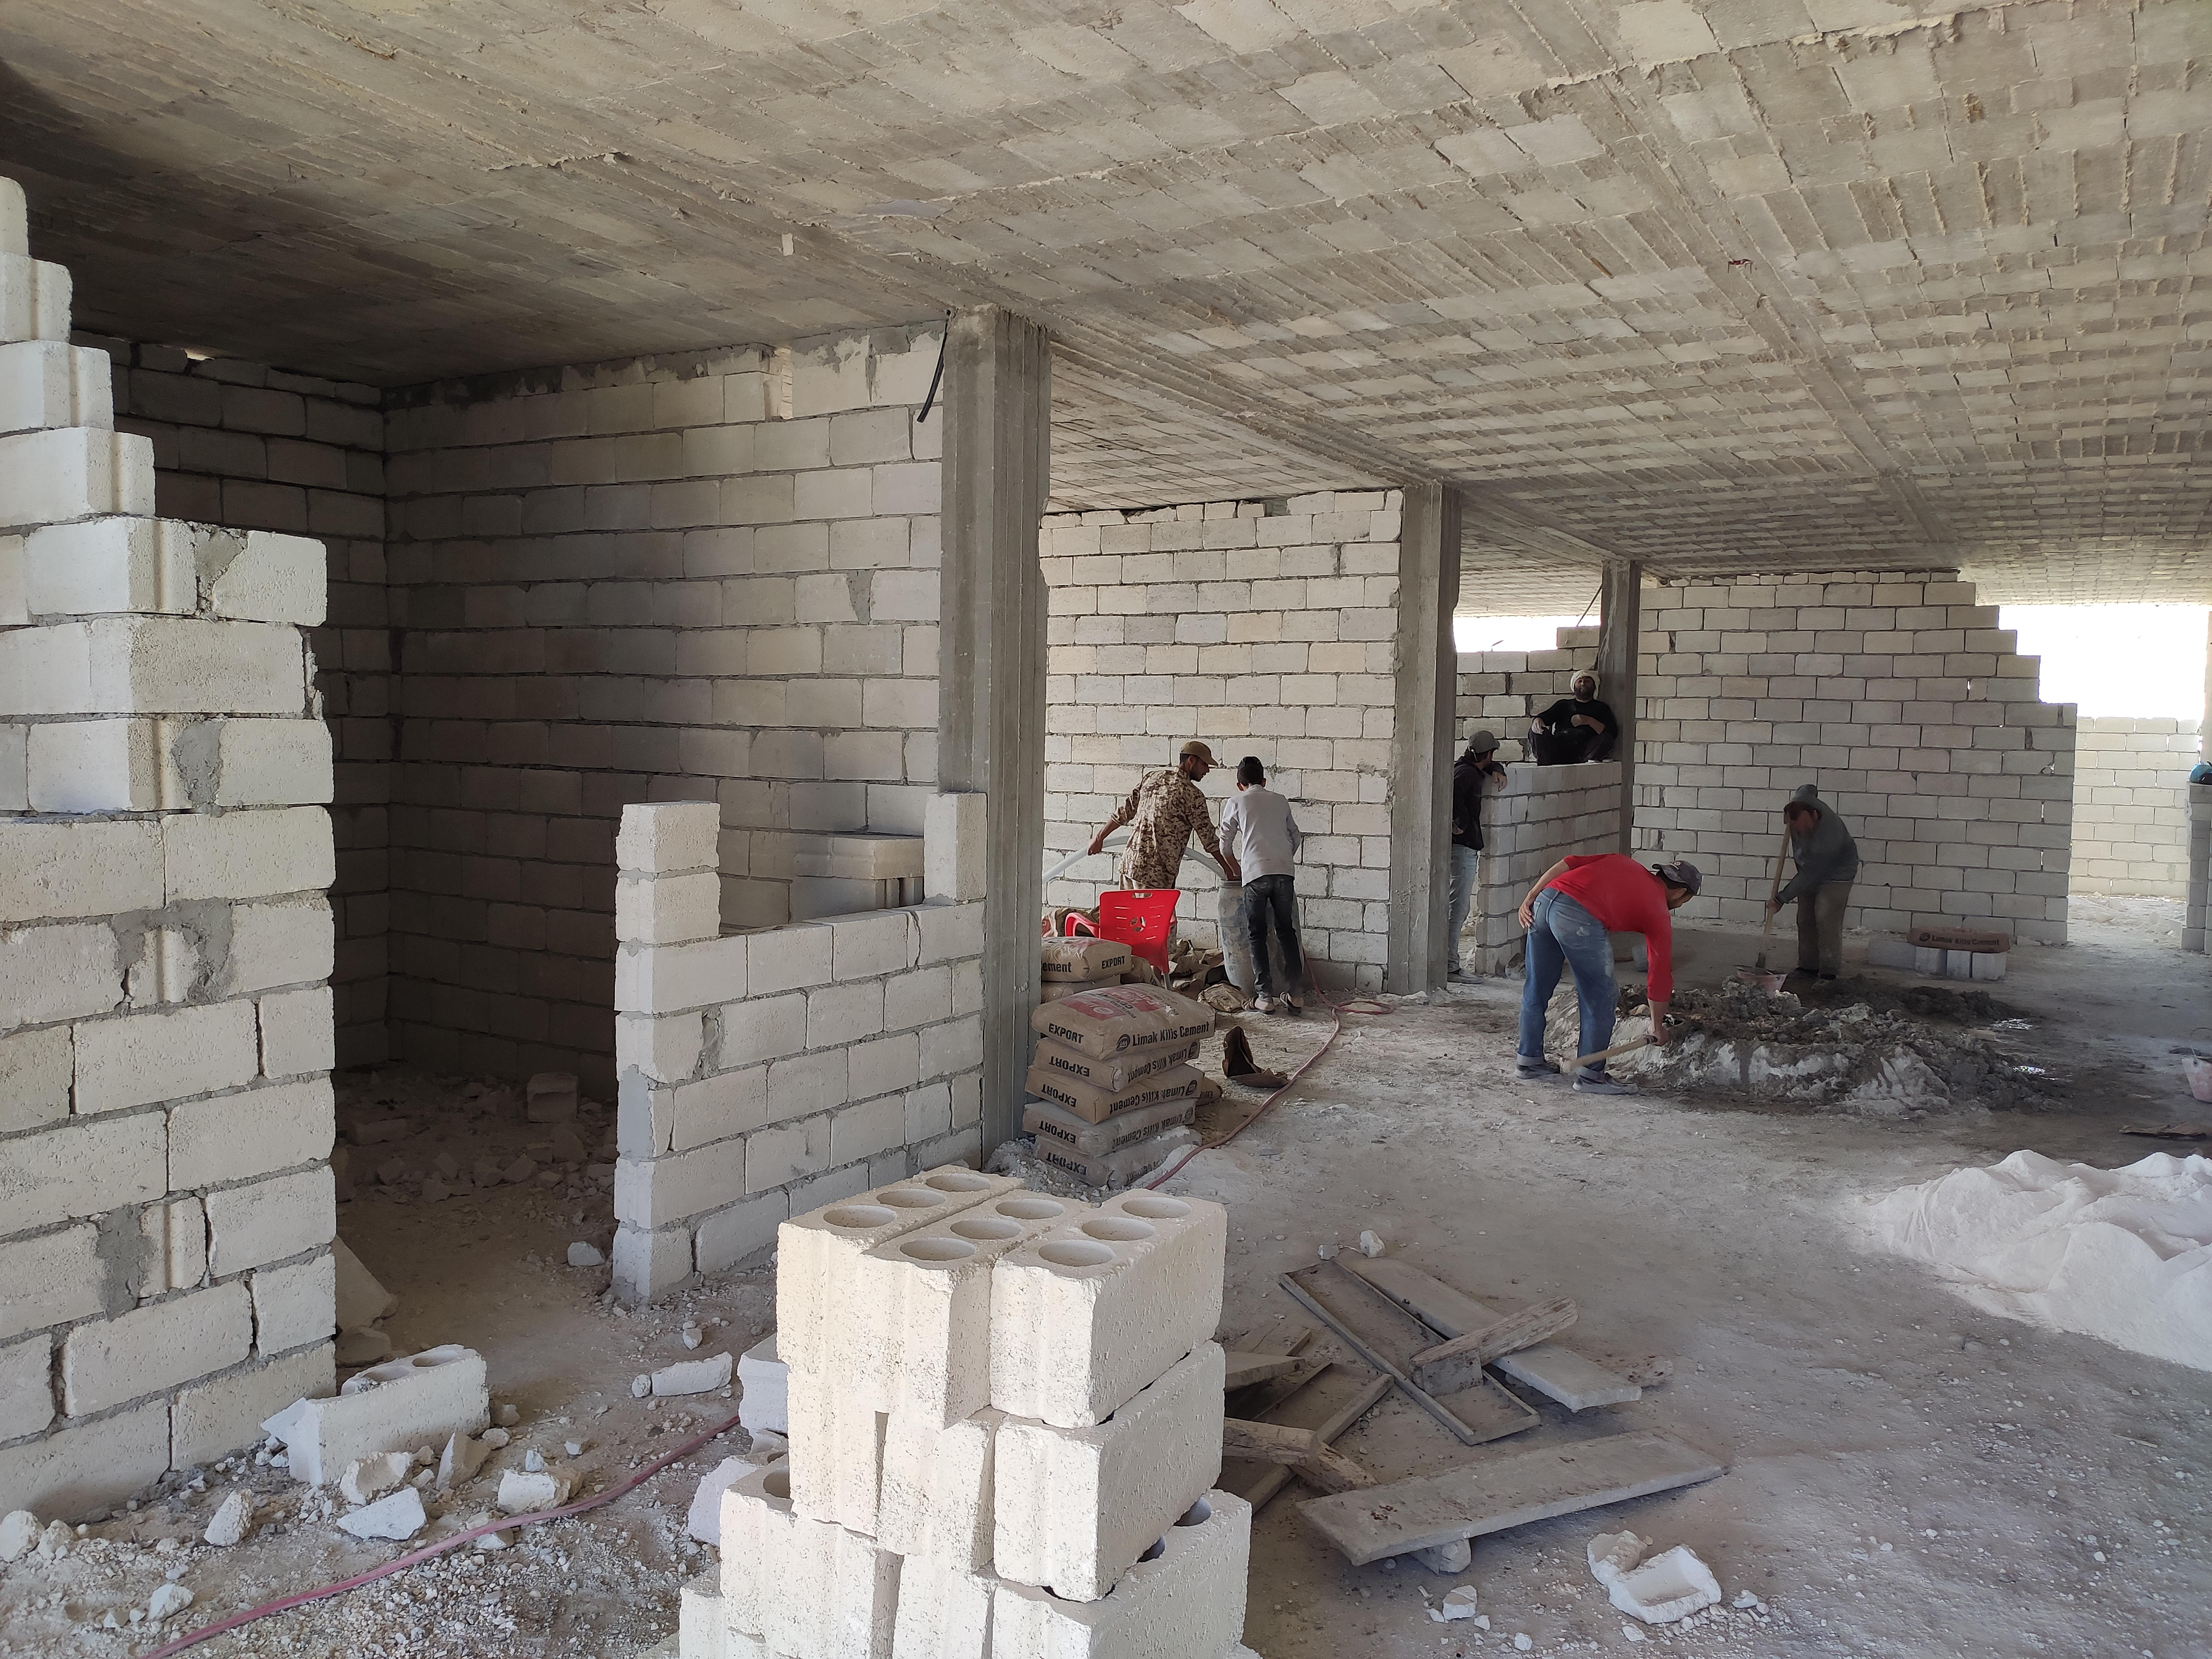 Okul Projesi İnşamız Devam Ediyor - Haberler - İnsanı İnşa Derneği İİD. Uluslararası Yardım Kuruluşu